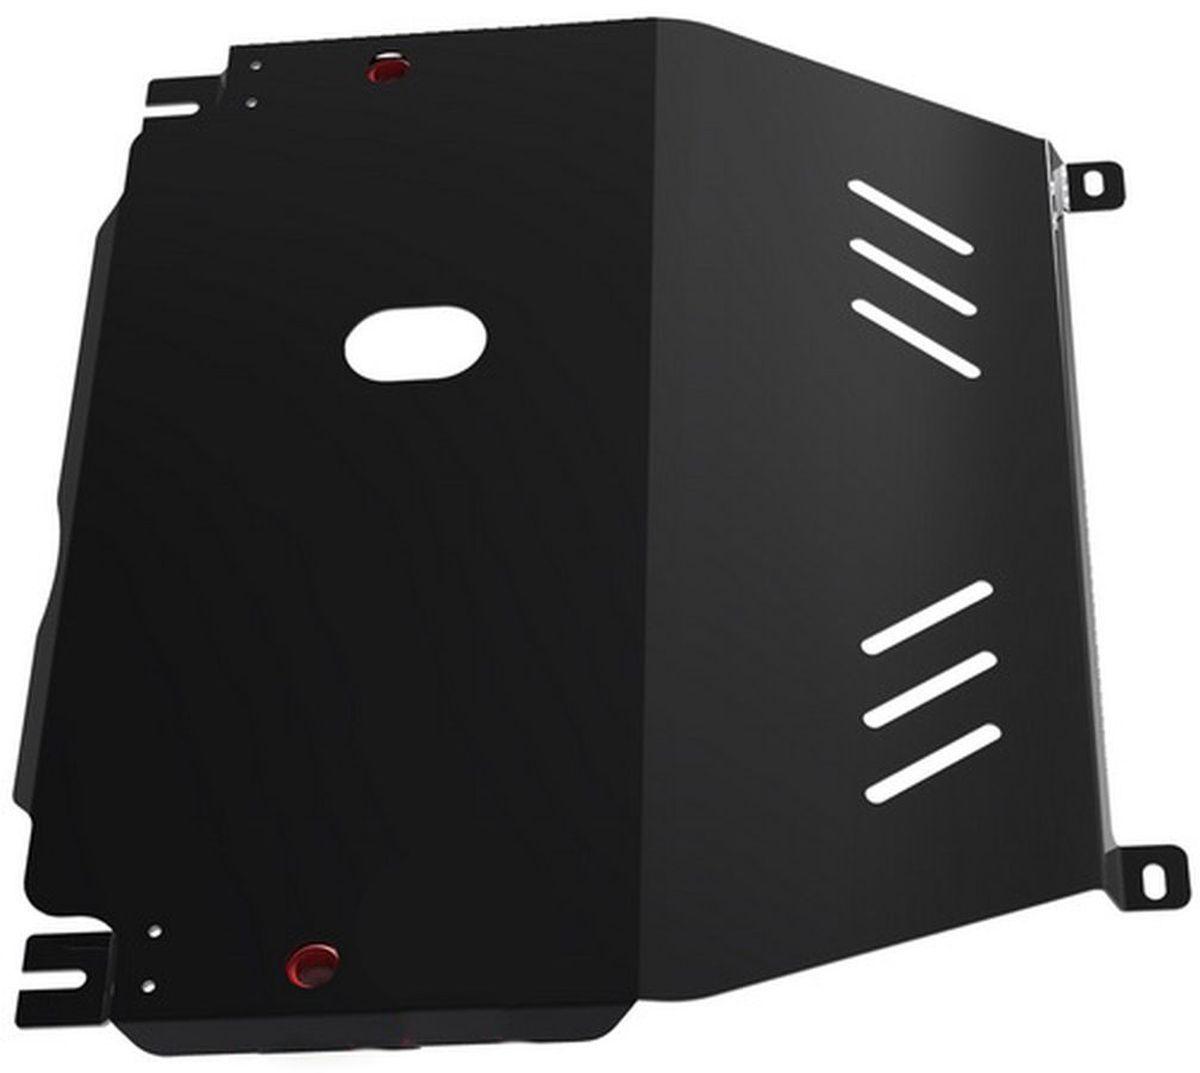 Защита картера и КПП Автоброня, для Chevrolet Aveo. 1.01015.1CLP446Технологически совершенный продукт за невысокую стоимость.Защита разработана с учетом особенностей днища автомобиля, что позволяет сохранить дорожный просвет с минимальным изменением.Защита устанавливается в штатные места кузова автомобиля. Глубокий штамп обеспечивает до двух раз больше жесткости в сравнении с обычной защитой той же толщины. Проштампованные ребра жесткости препятствуют деформации защиты при ударах.Тепловой зазор и вентиляционные отверстия обеспечивают сохранение температурного режима двигателя в норме. Скрытый крепеж предотвращает срыв крепежных элементов при наезде на препятствие.Шумопоглощающие резиновые элементы обеспечивают комфортную езду без вибраций и скрежета металла, а съемные лючки для слива масла и замены фильтра - экономию средств и время.Конструкция изделия не влияет на пассивную безопасность автомобиля (при ударе защита не воздействует на деформационные зоны кузова). Со штатным крепежом. В комплекте инструкция по установке.Толщина стали: 2 мм.